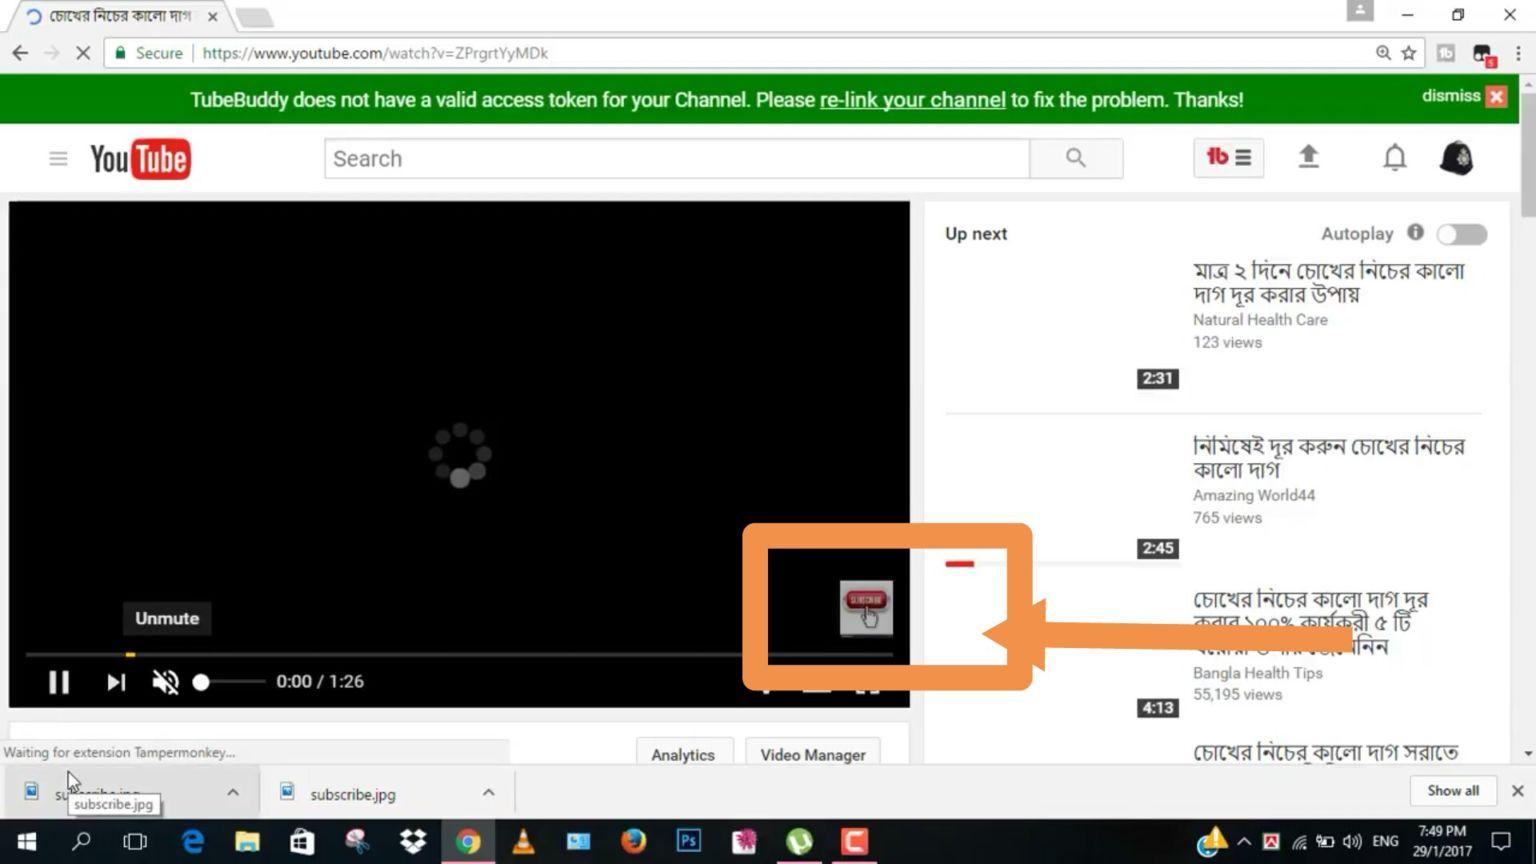 আপনার Youtube ভিডিওতে Subscribe Button যোগ করুন। ক্লিক করলেই Subscribe |  প্রত্যেক ভিডিওতেও Button থাকবে।